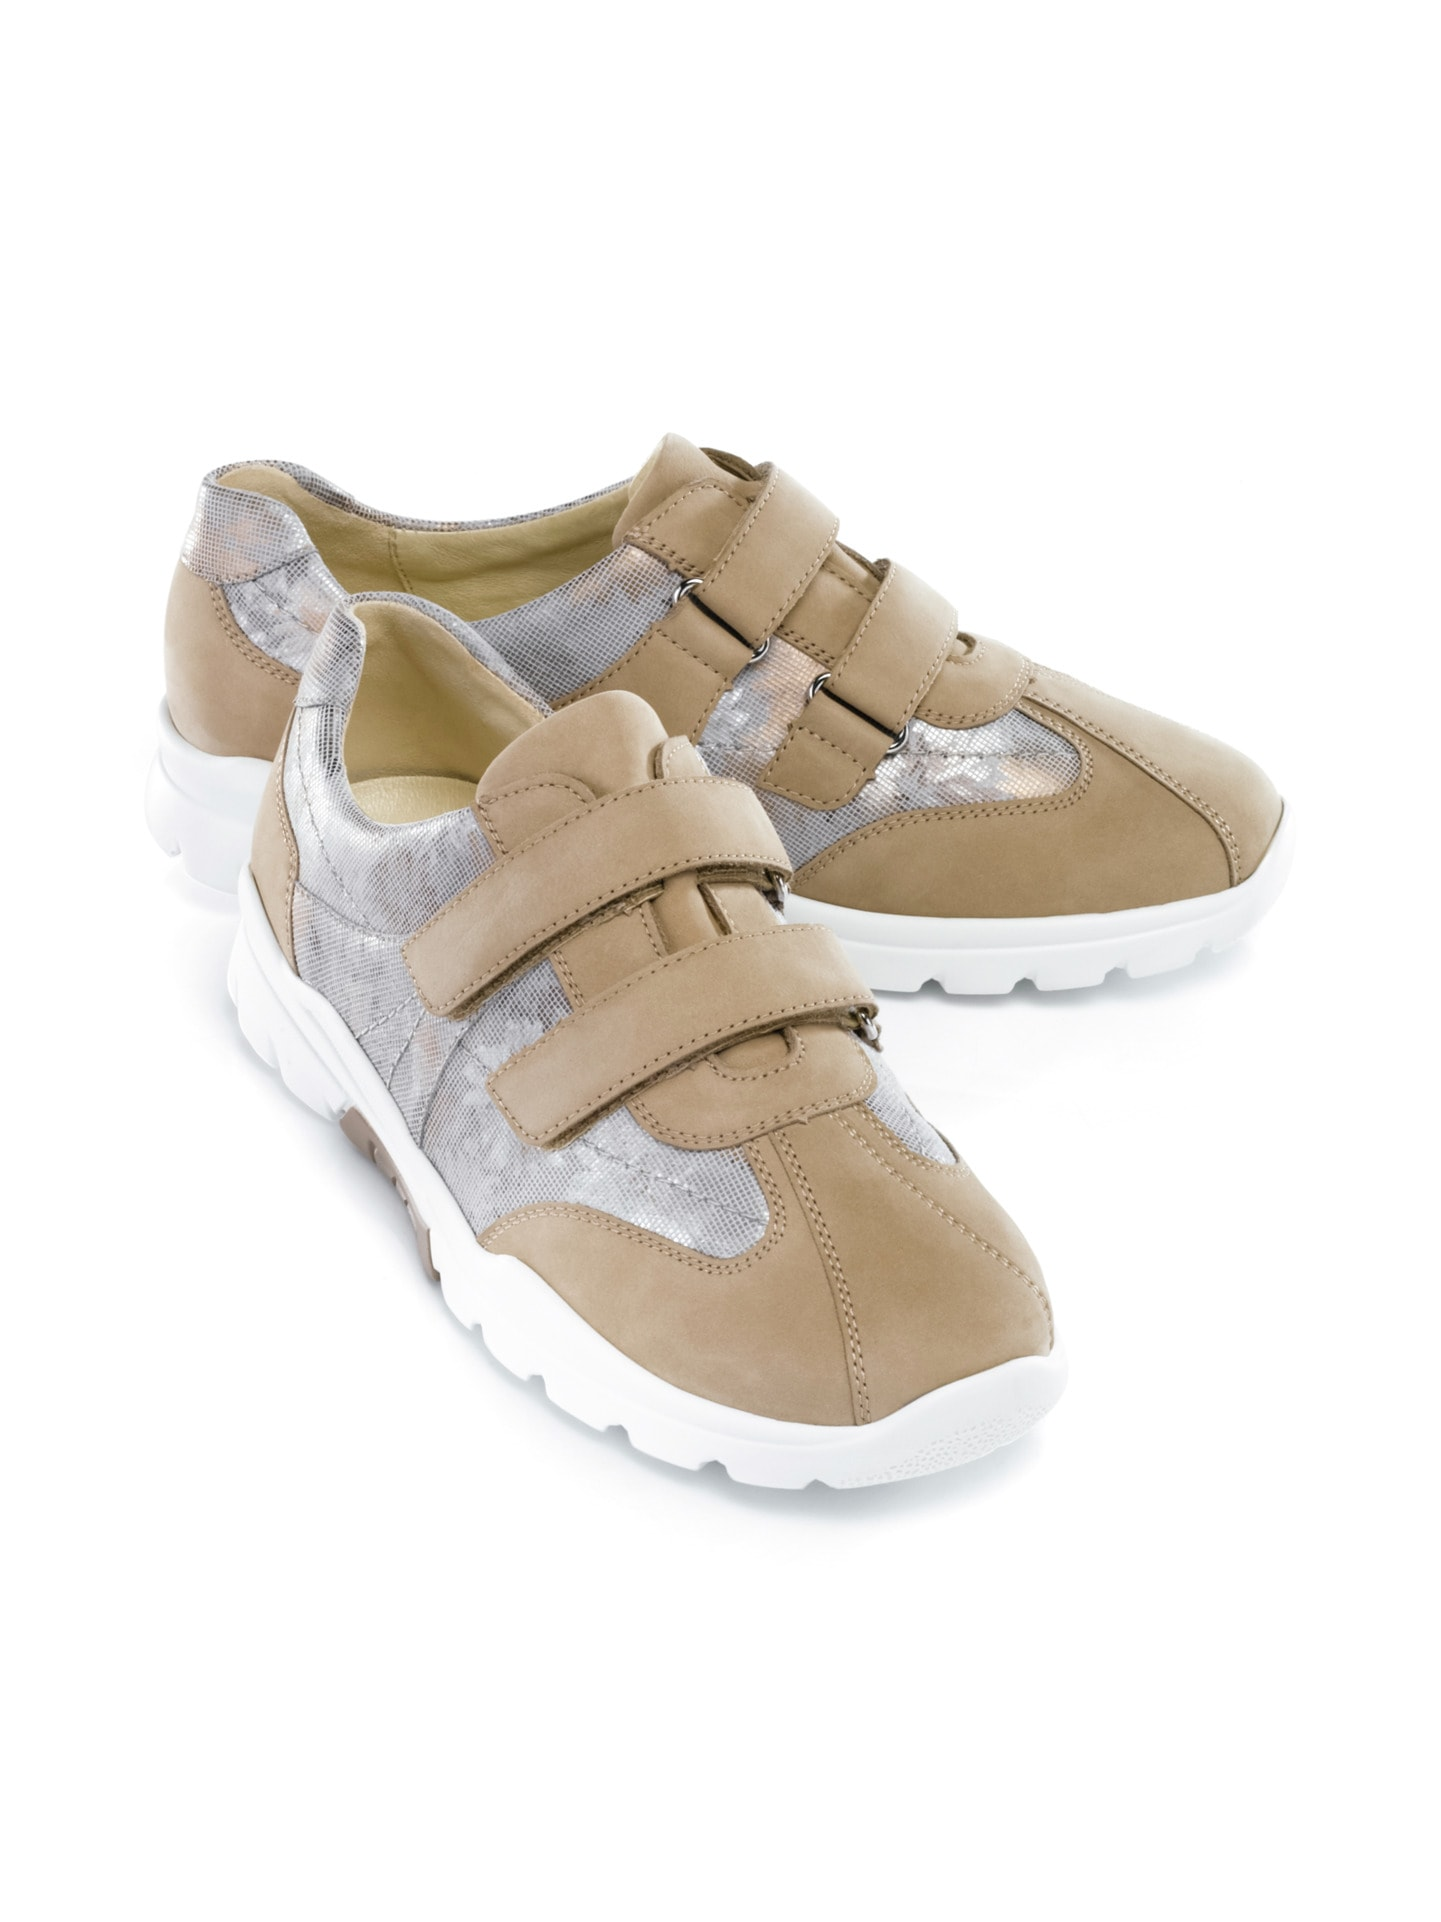 Schuhe Abrollsohle Produktübersicht und Preisvergleich